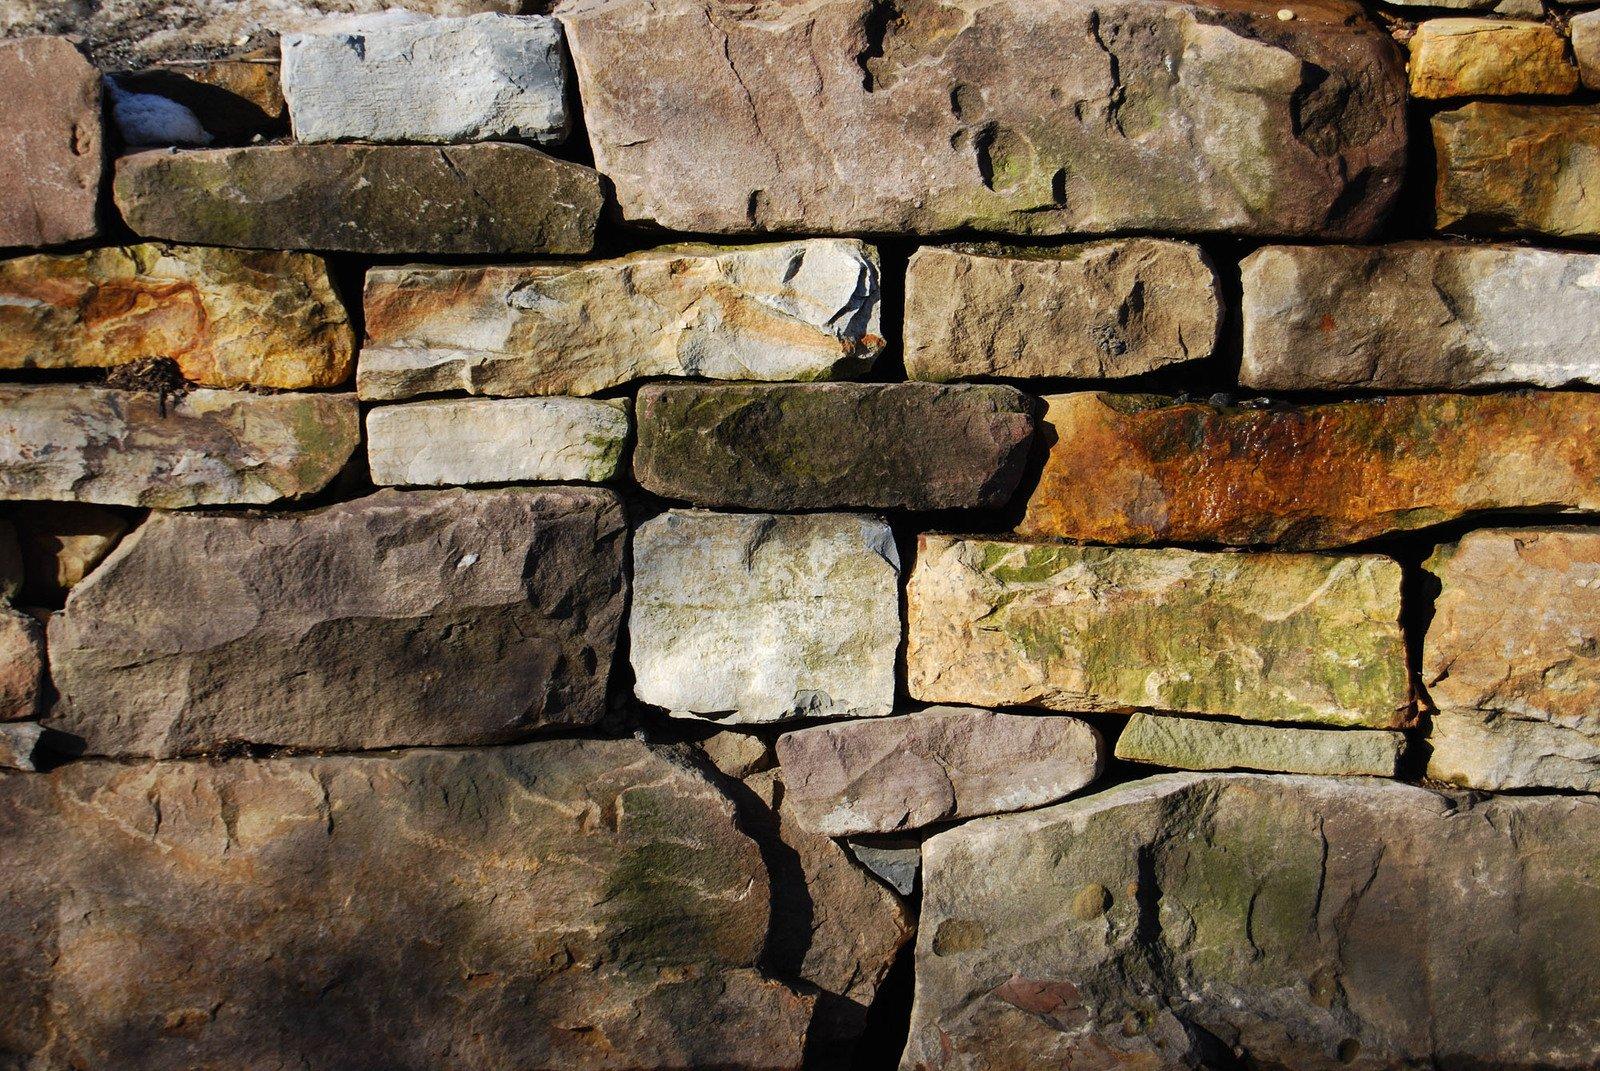 текстура камень стена загрузить